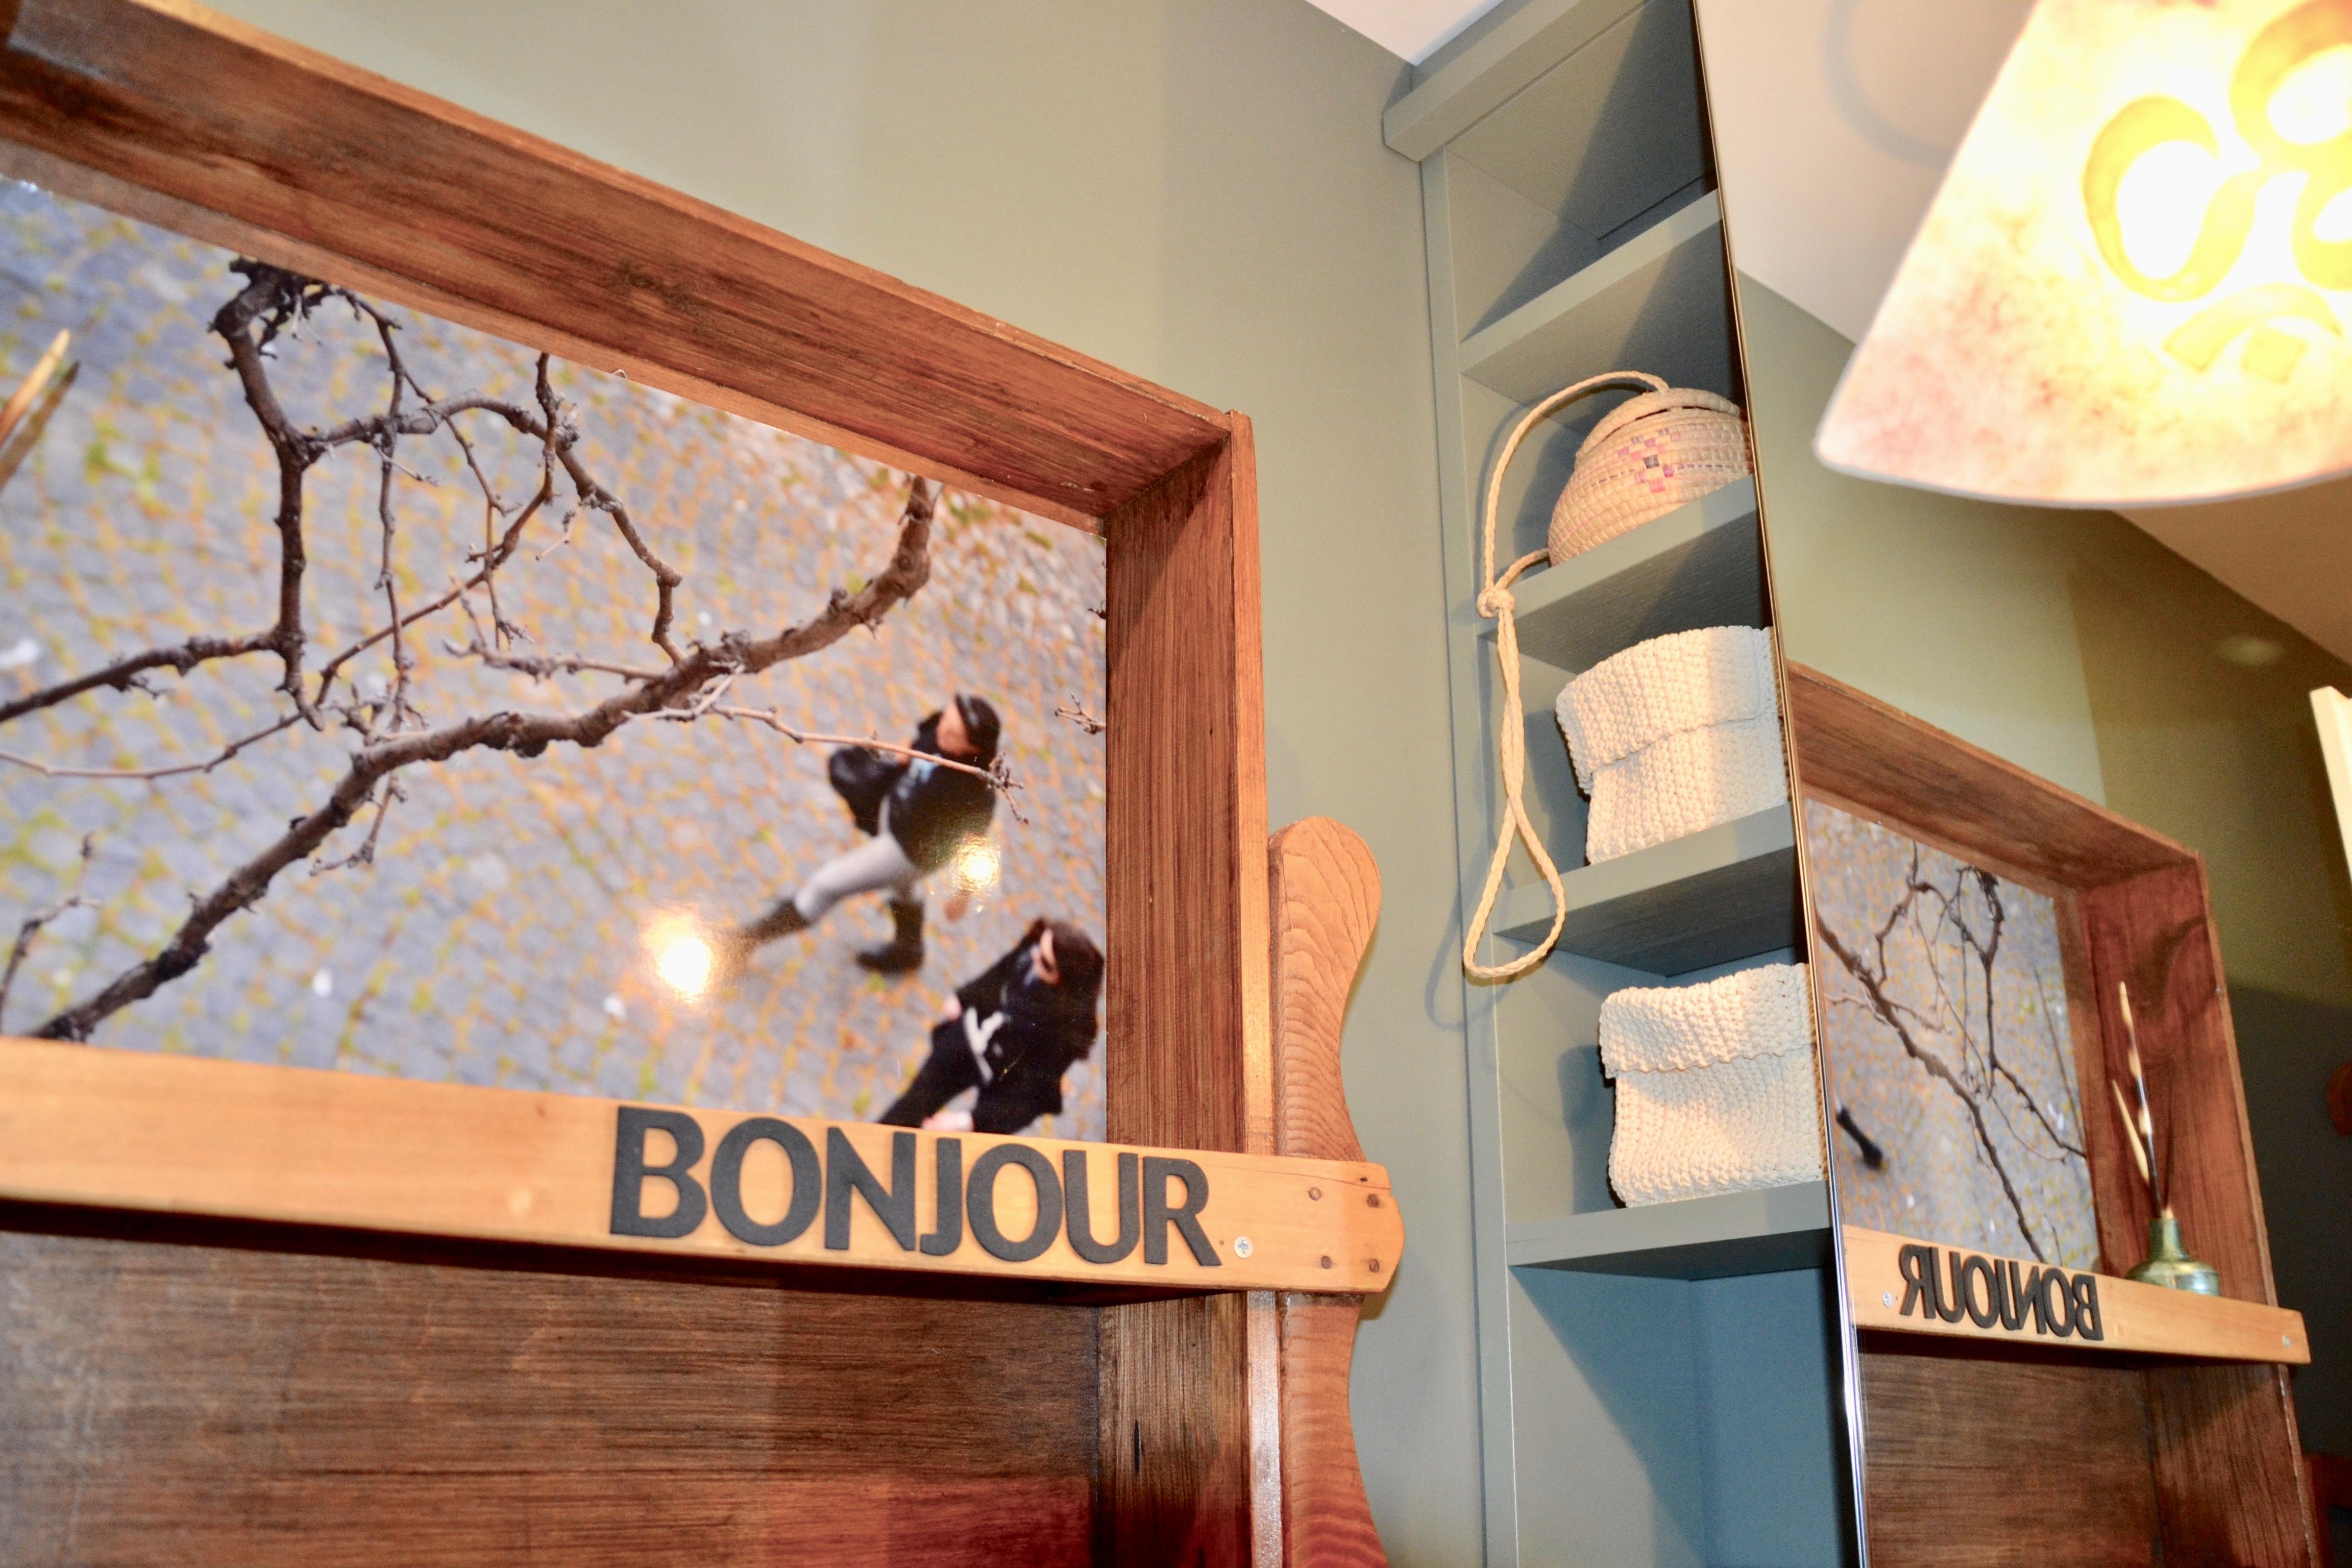 dett_bonjour_mensola bagno copia 2